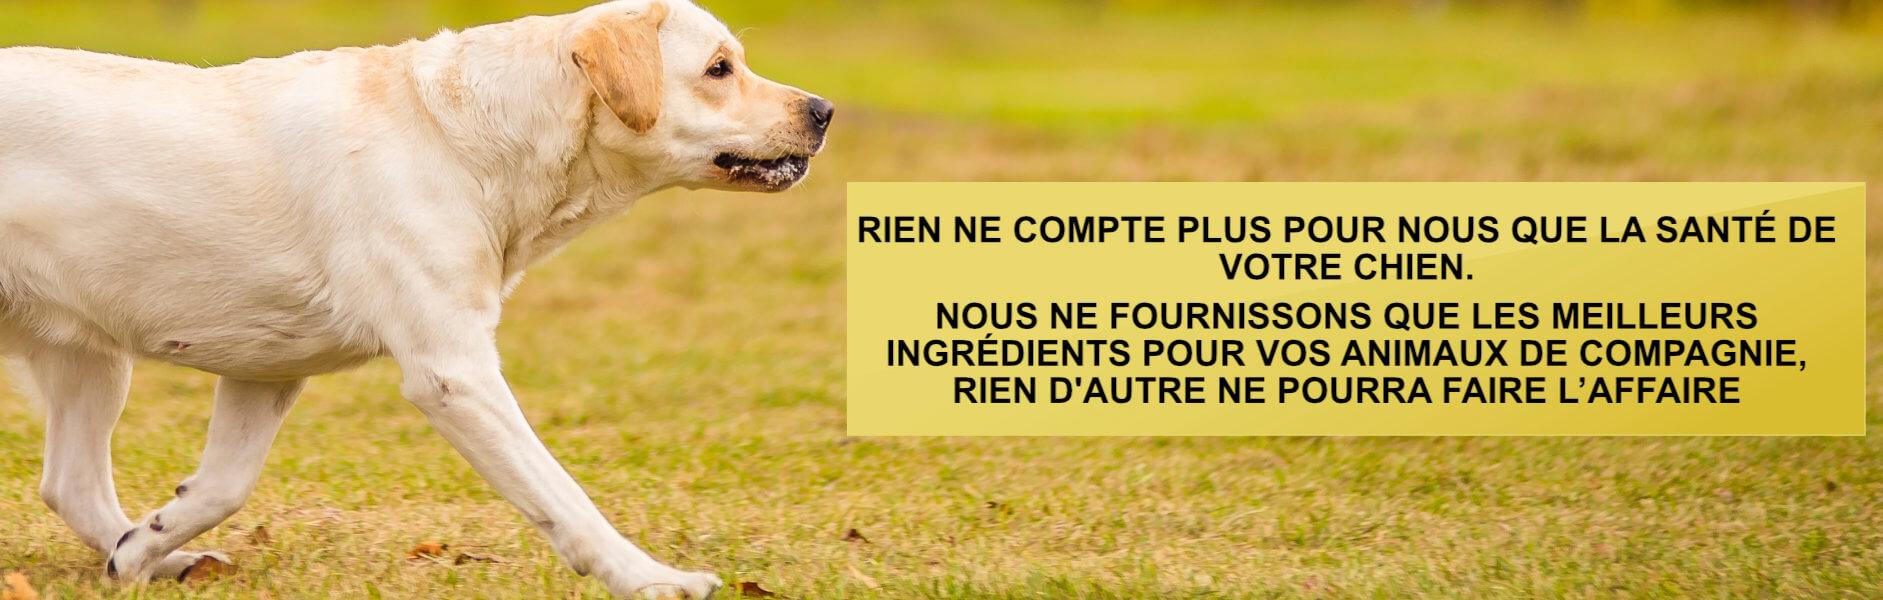 nourriture-hypoallergenique-pour-chien-sensible